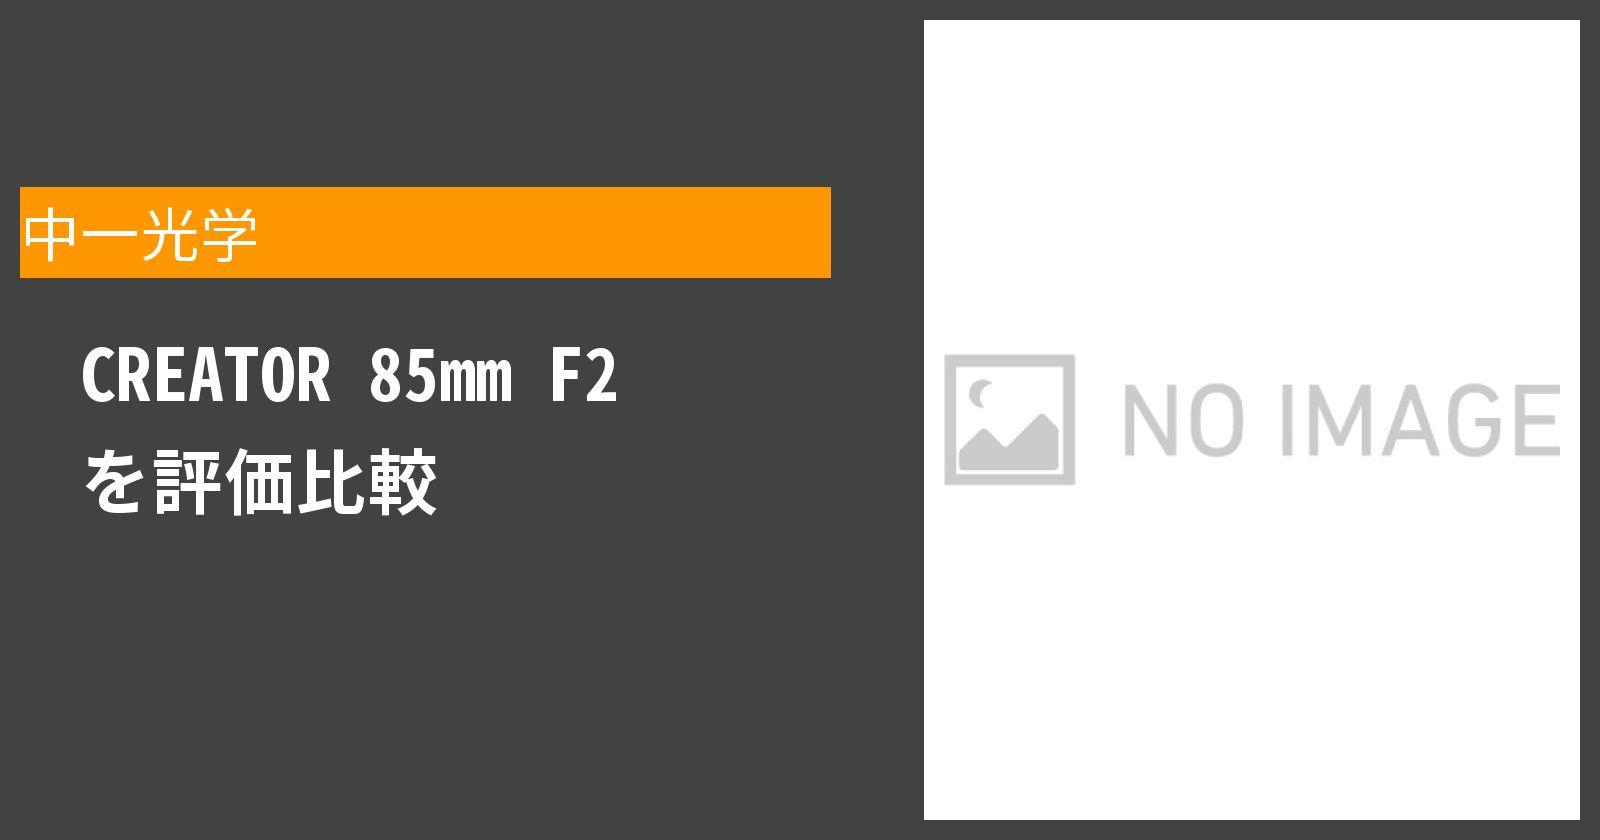 CREATOR 85mm F2を徹底評価